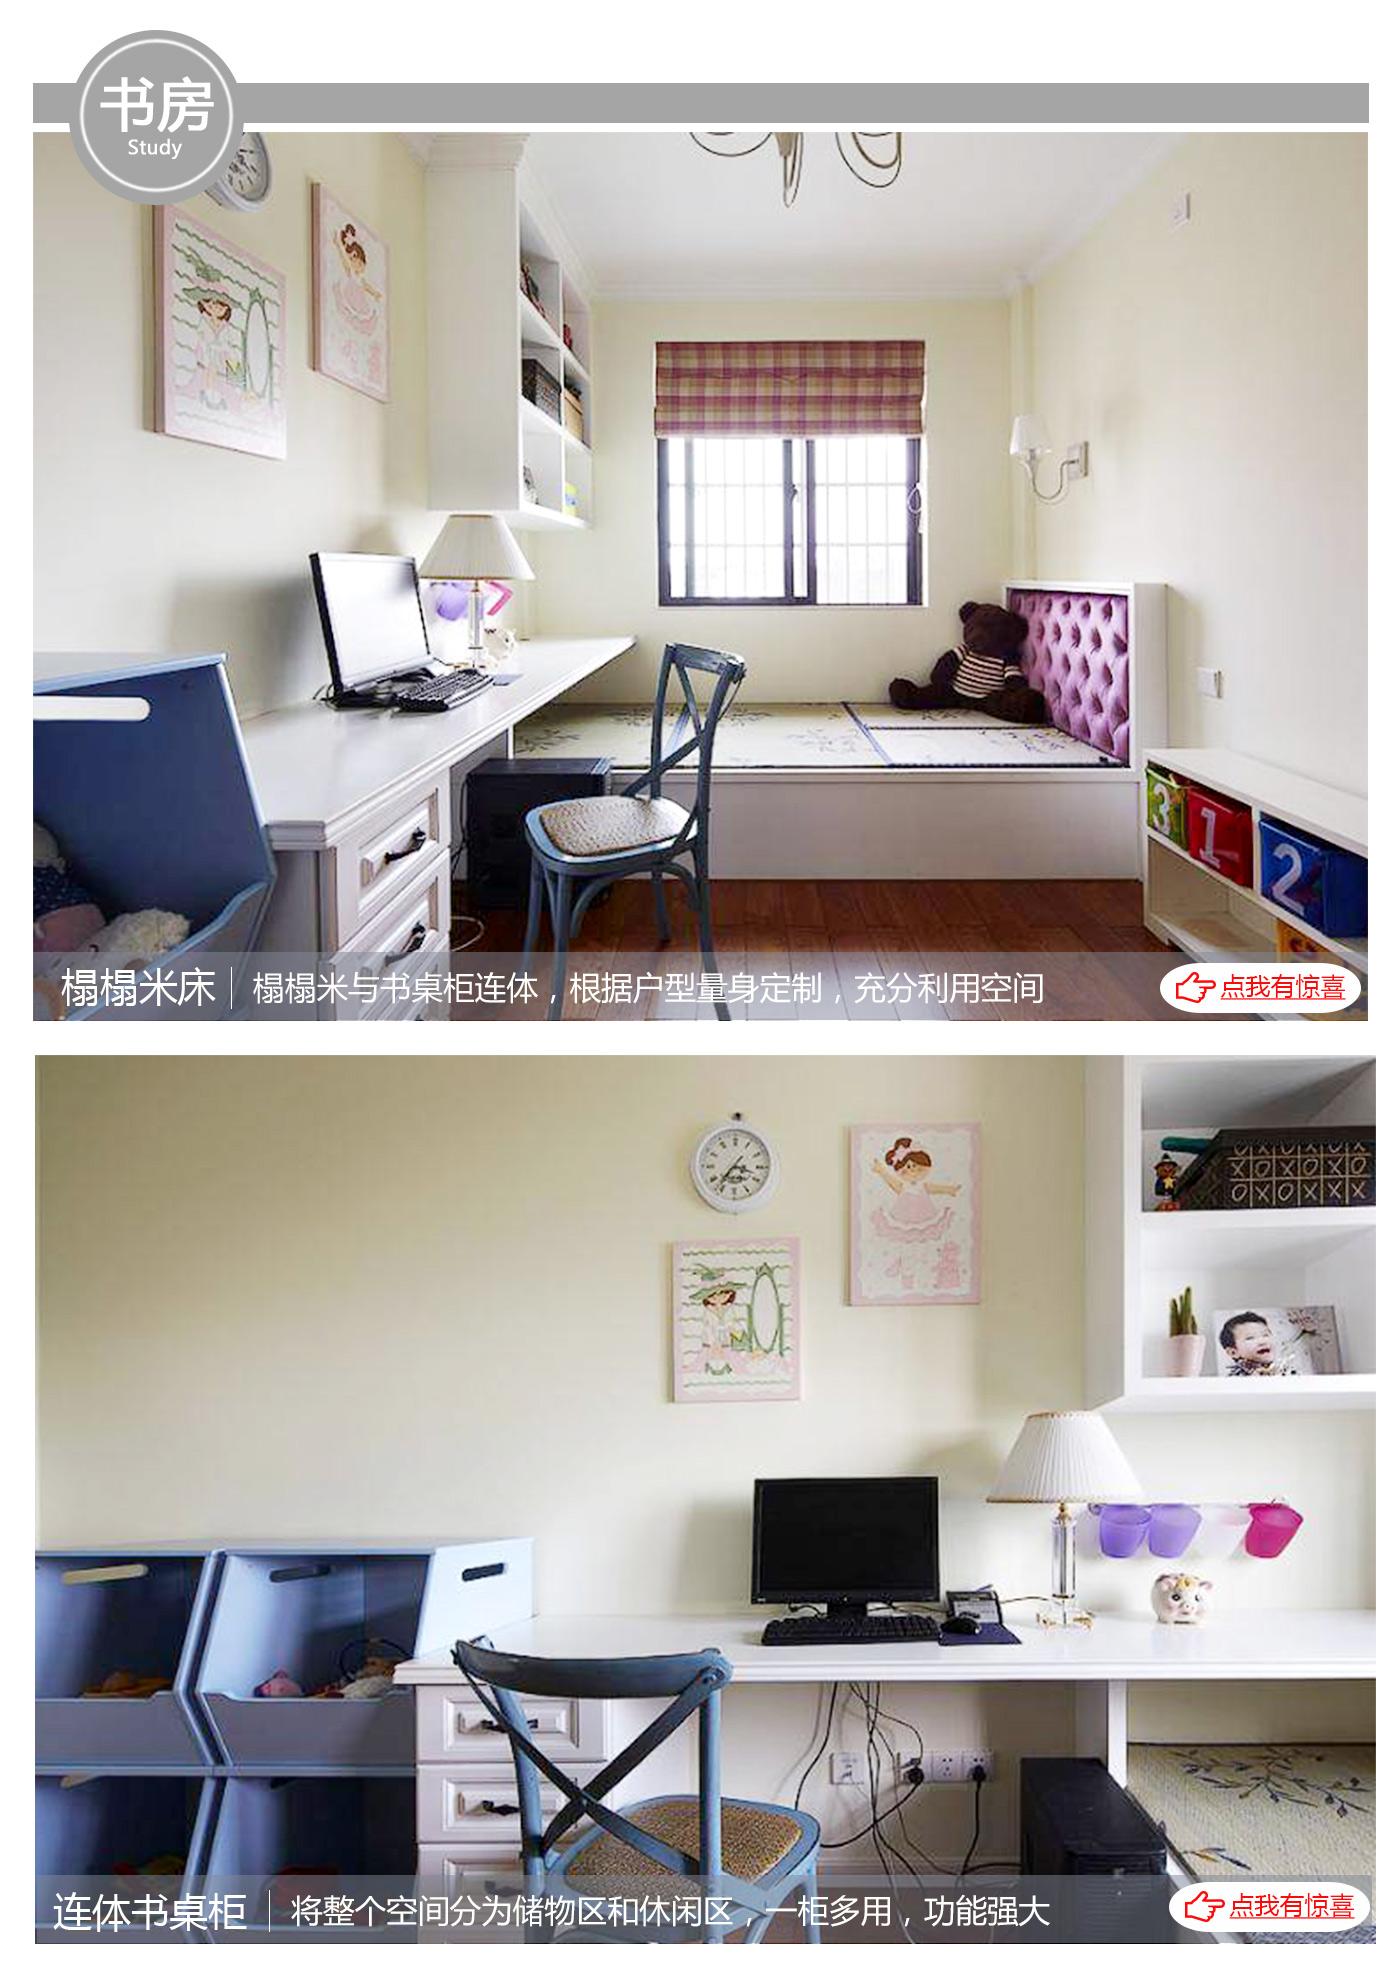 【全屋实拍案例】110平美式混搭三室两厅 只花9万的省钱硬装